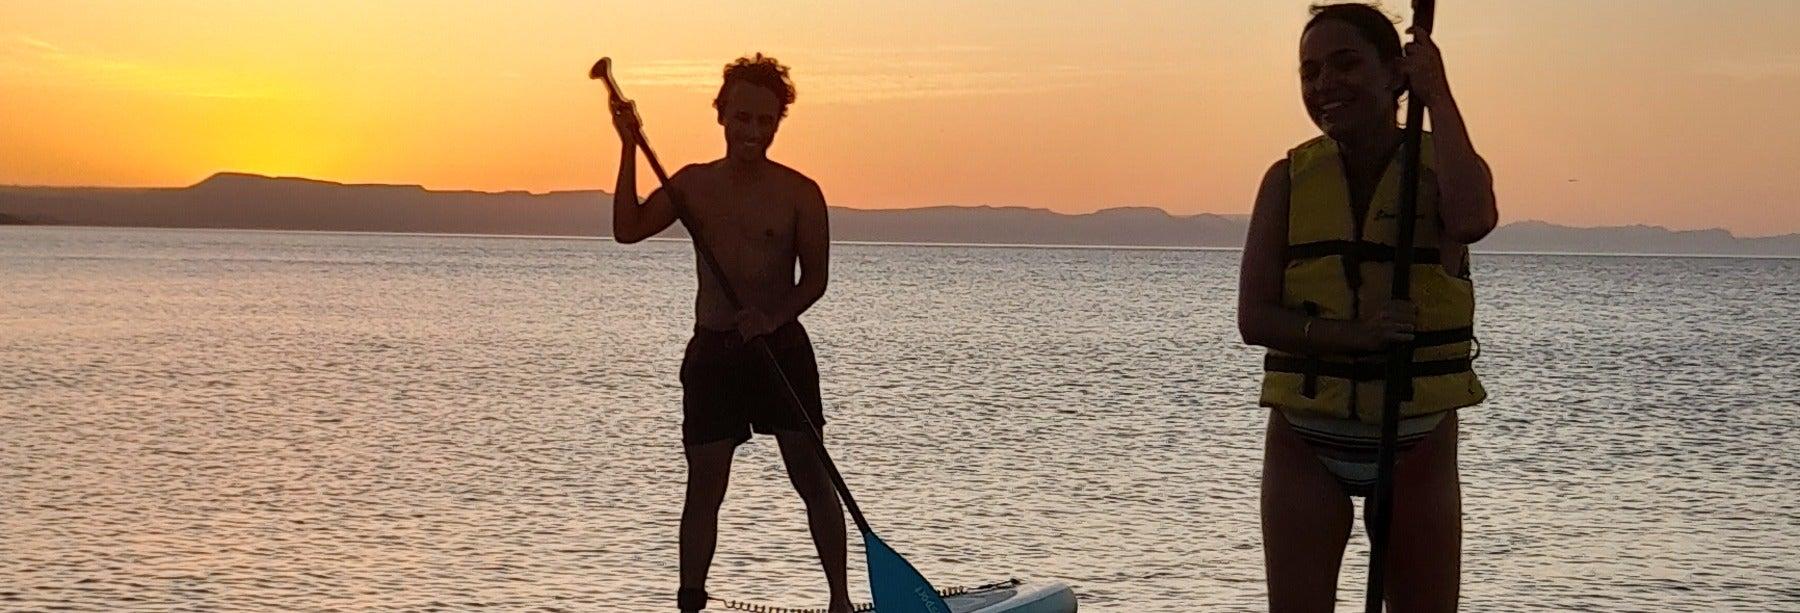 Excursión en paddle surf nocturno en la playa El Tesoro desde La Paz